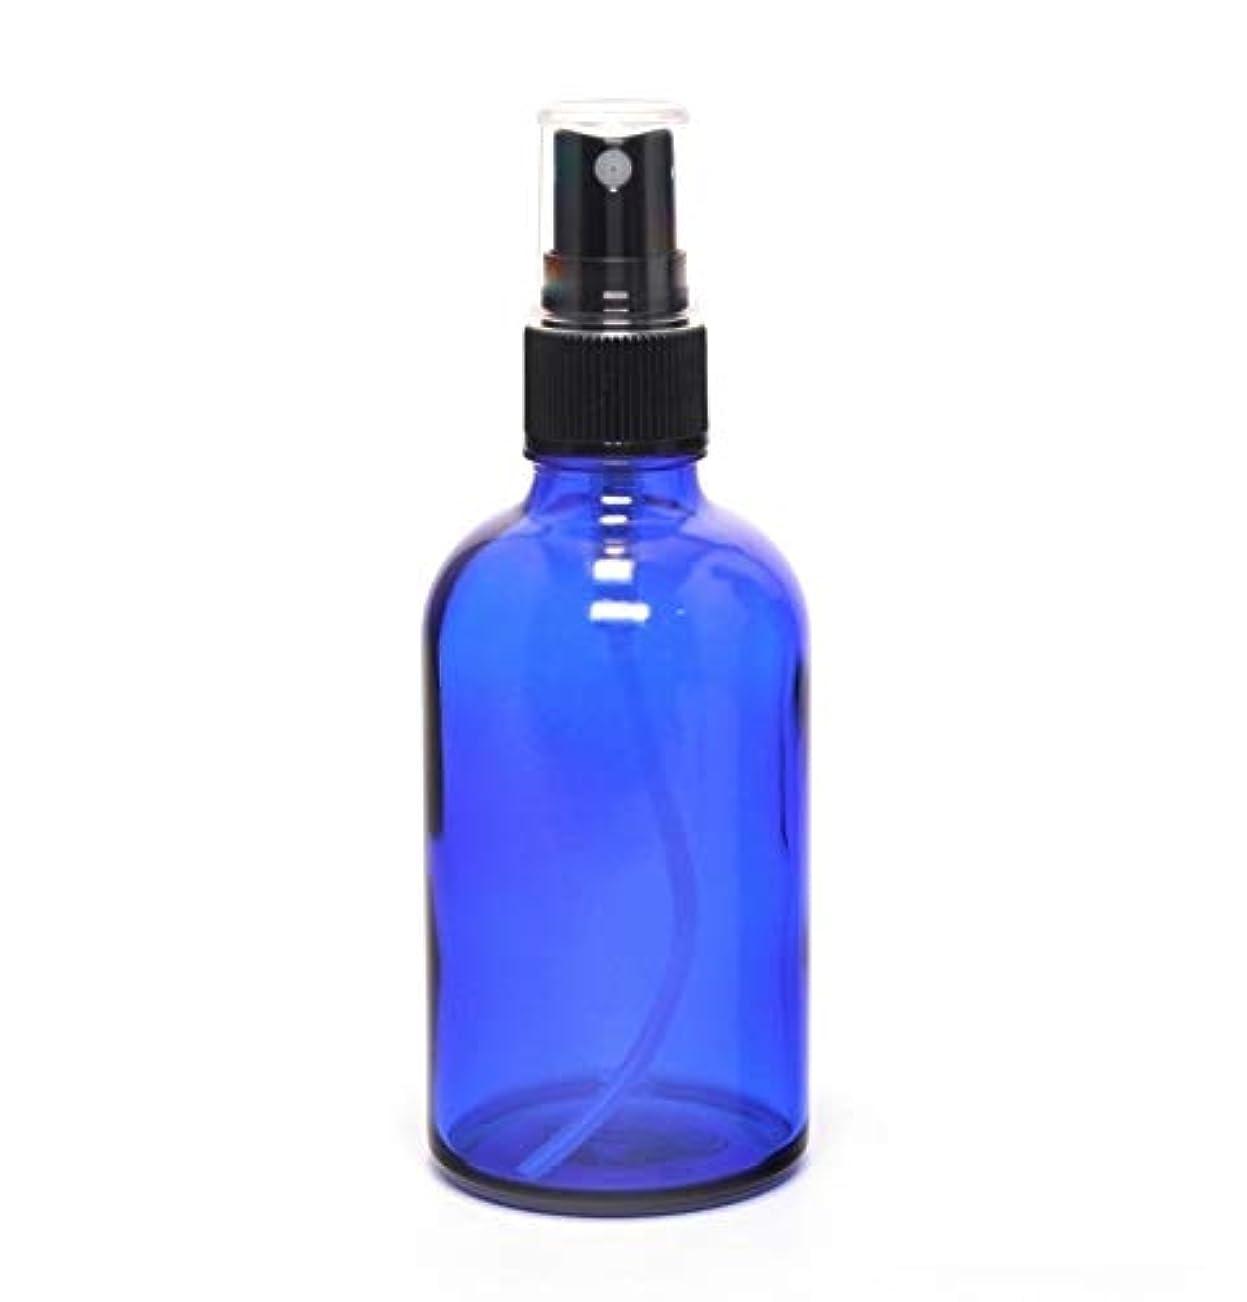 儀式喜んで適応遮光瓶 蓄圧式で細かいミストのスプレーボトル 100ml コバルトブルー / 1本 ( 硝子製?アトマイザー )ブラックヘッド